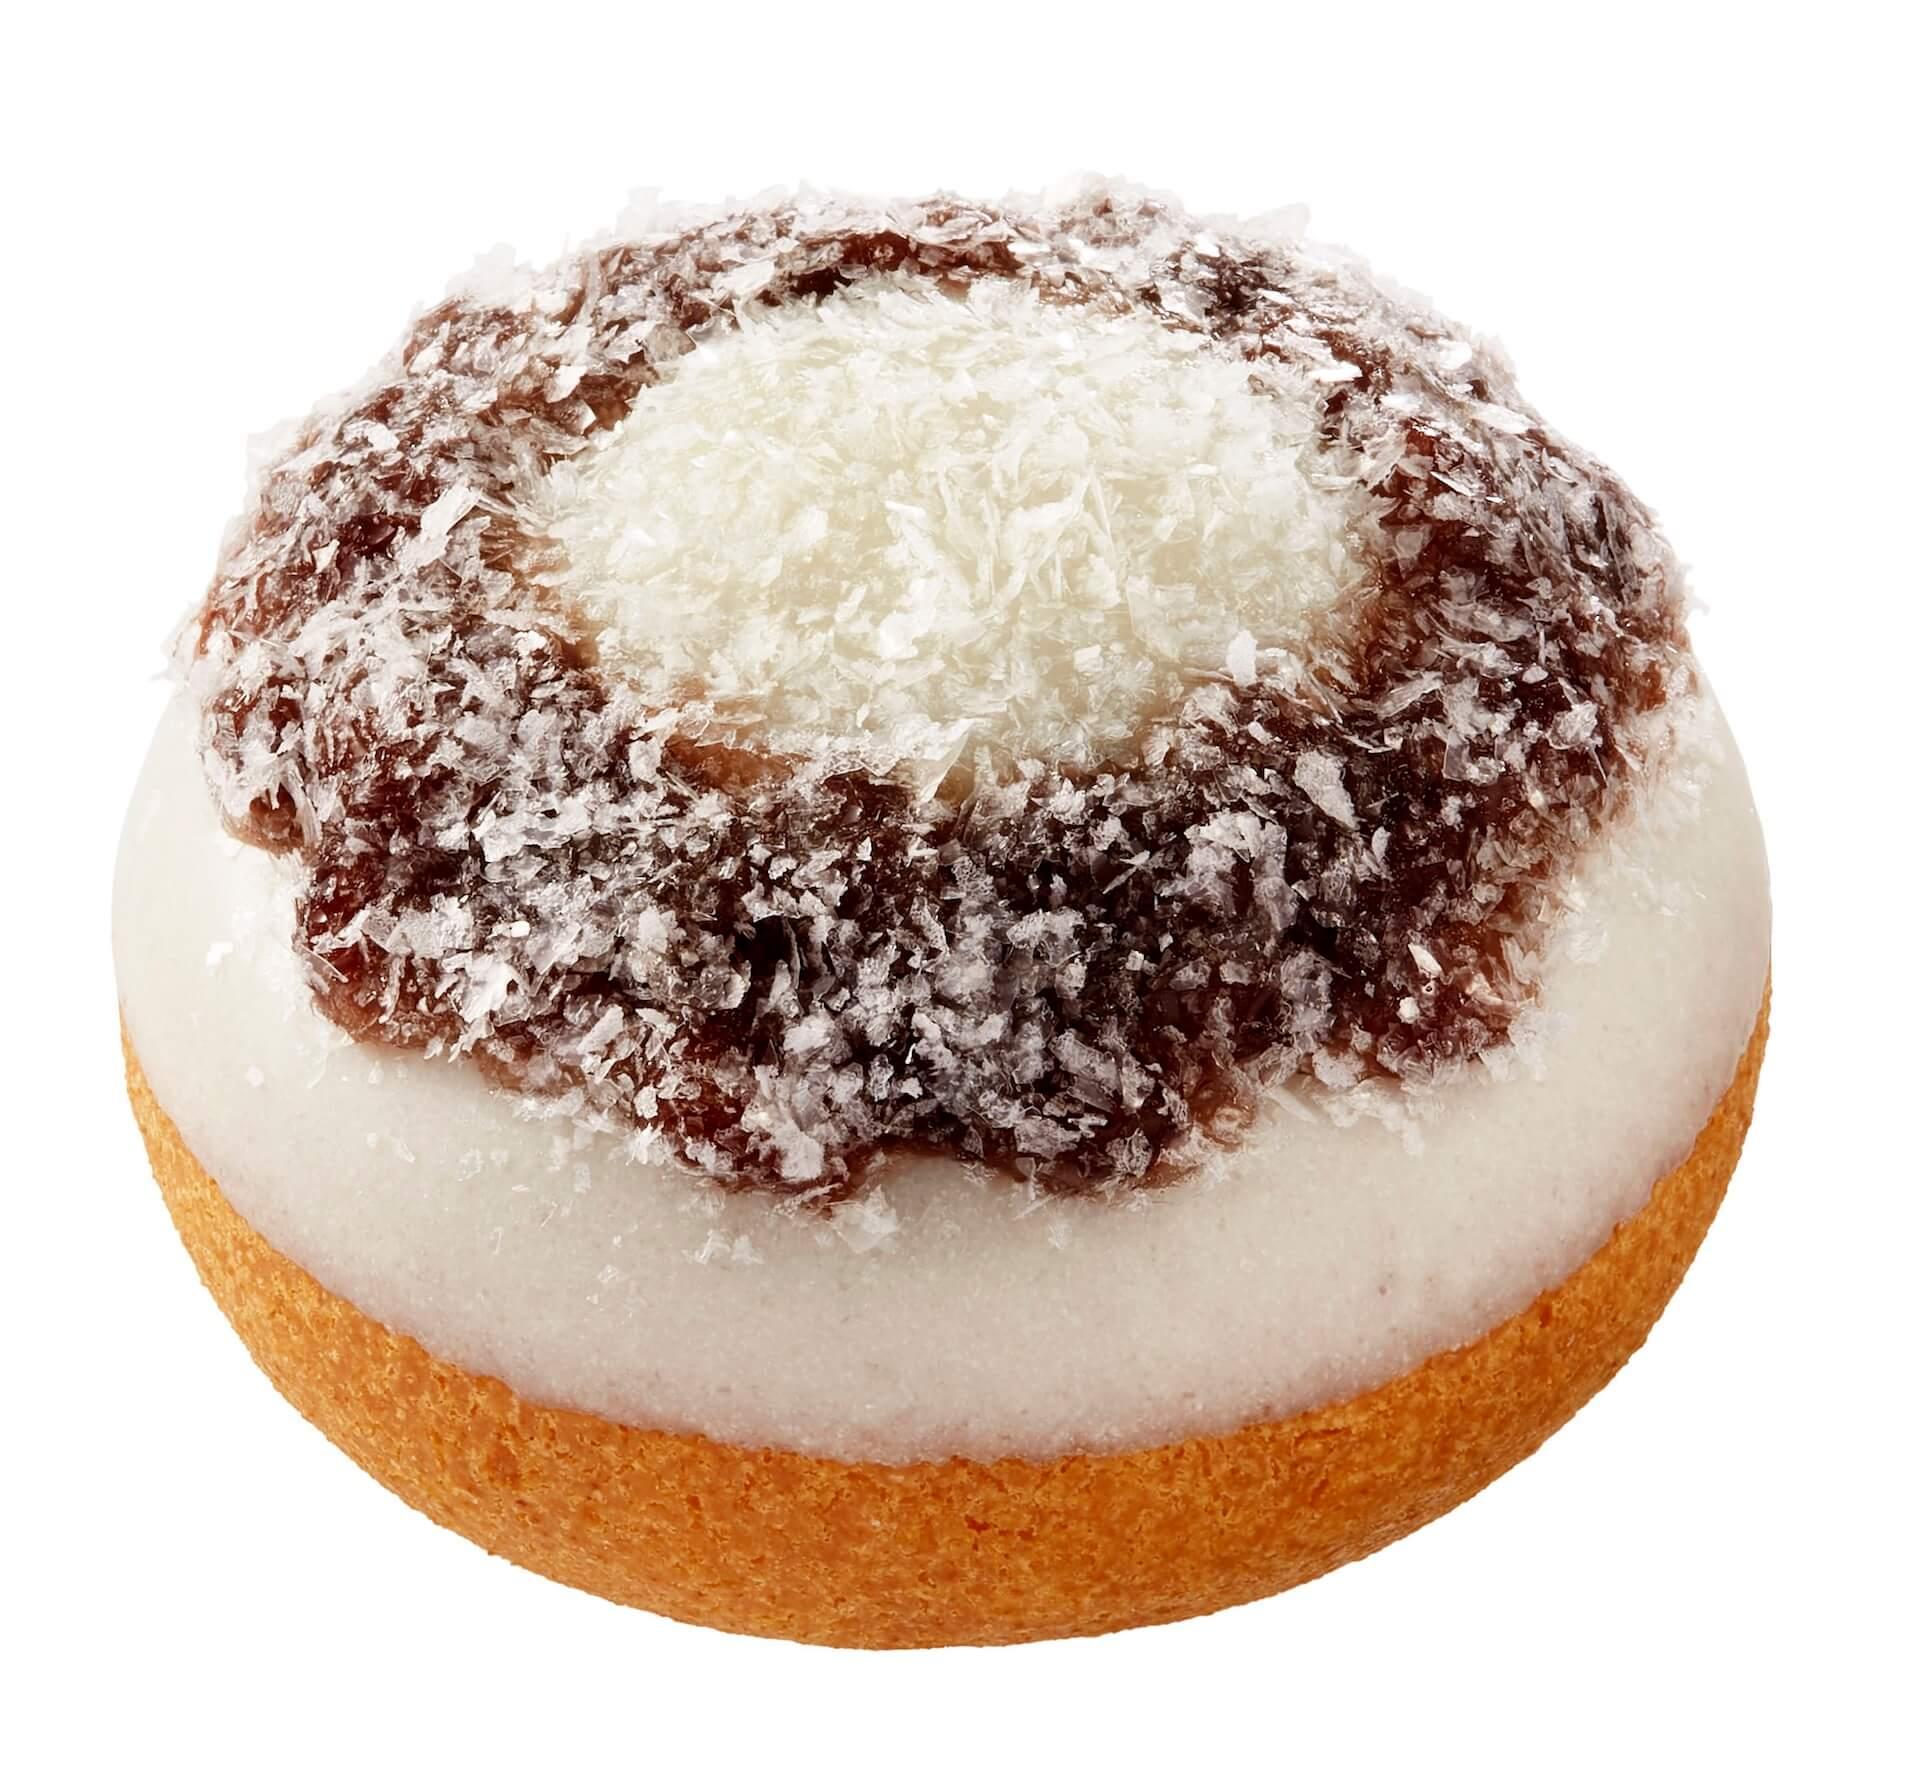 ミスタードーナツにもち×ドーナツの新食感スイーツ誕生!『もちクリームドーナツコレクション』全6種類が発売決定 gourmet200630_misterdonuts_2